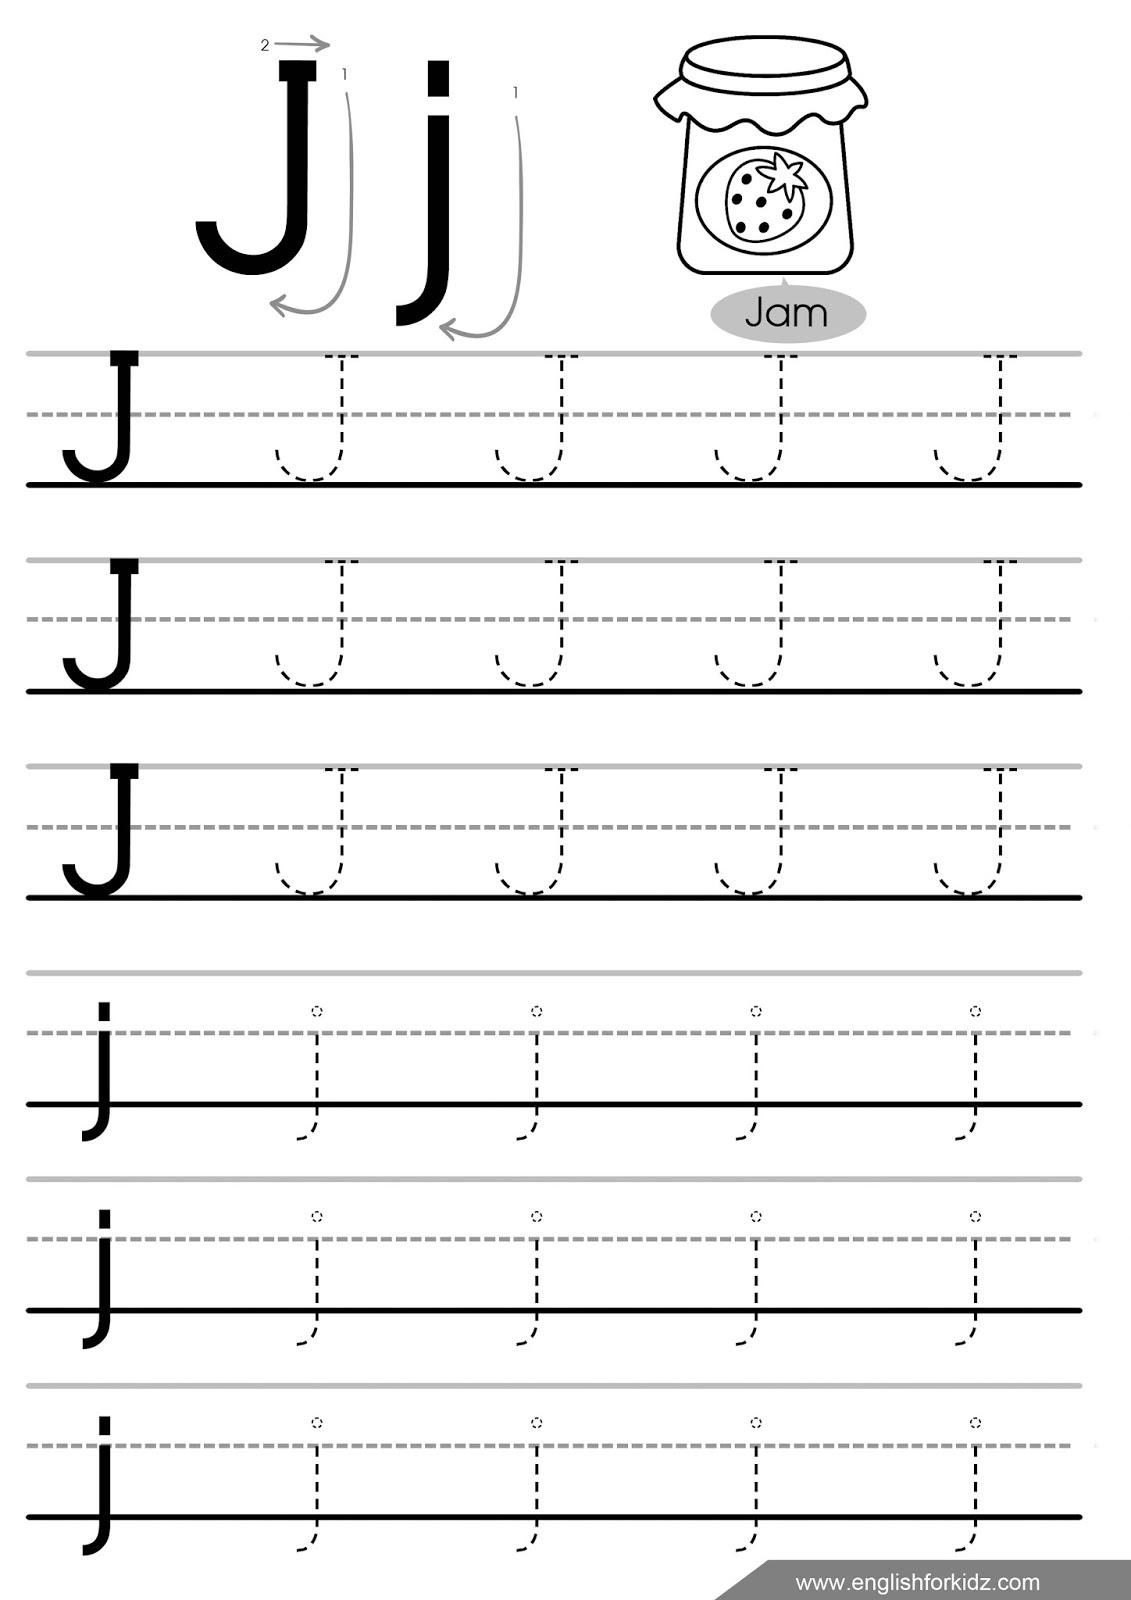 Letter Tracing Worksheets Letters H5N1 J